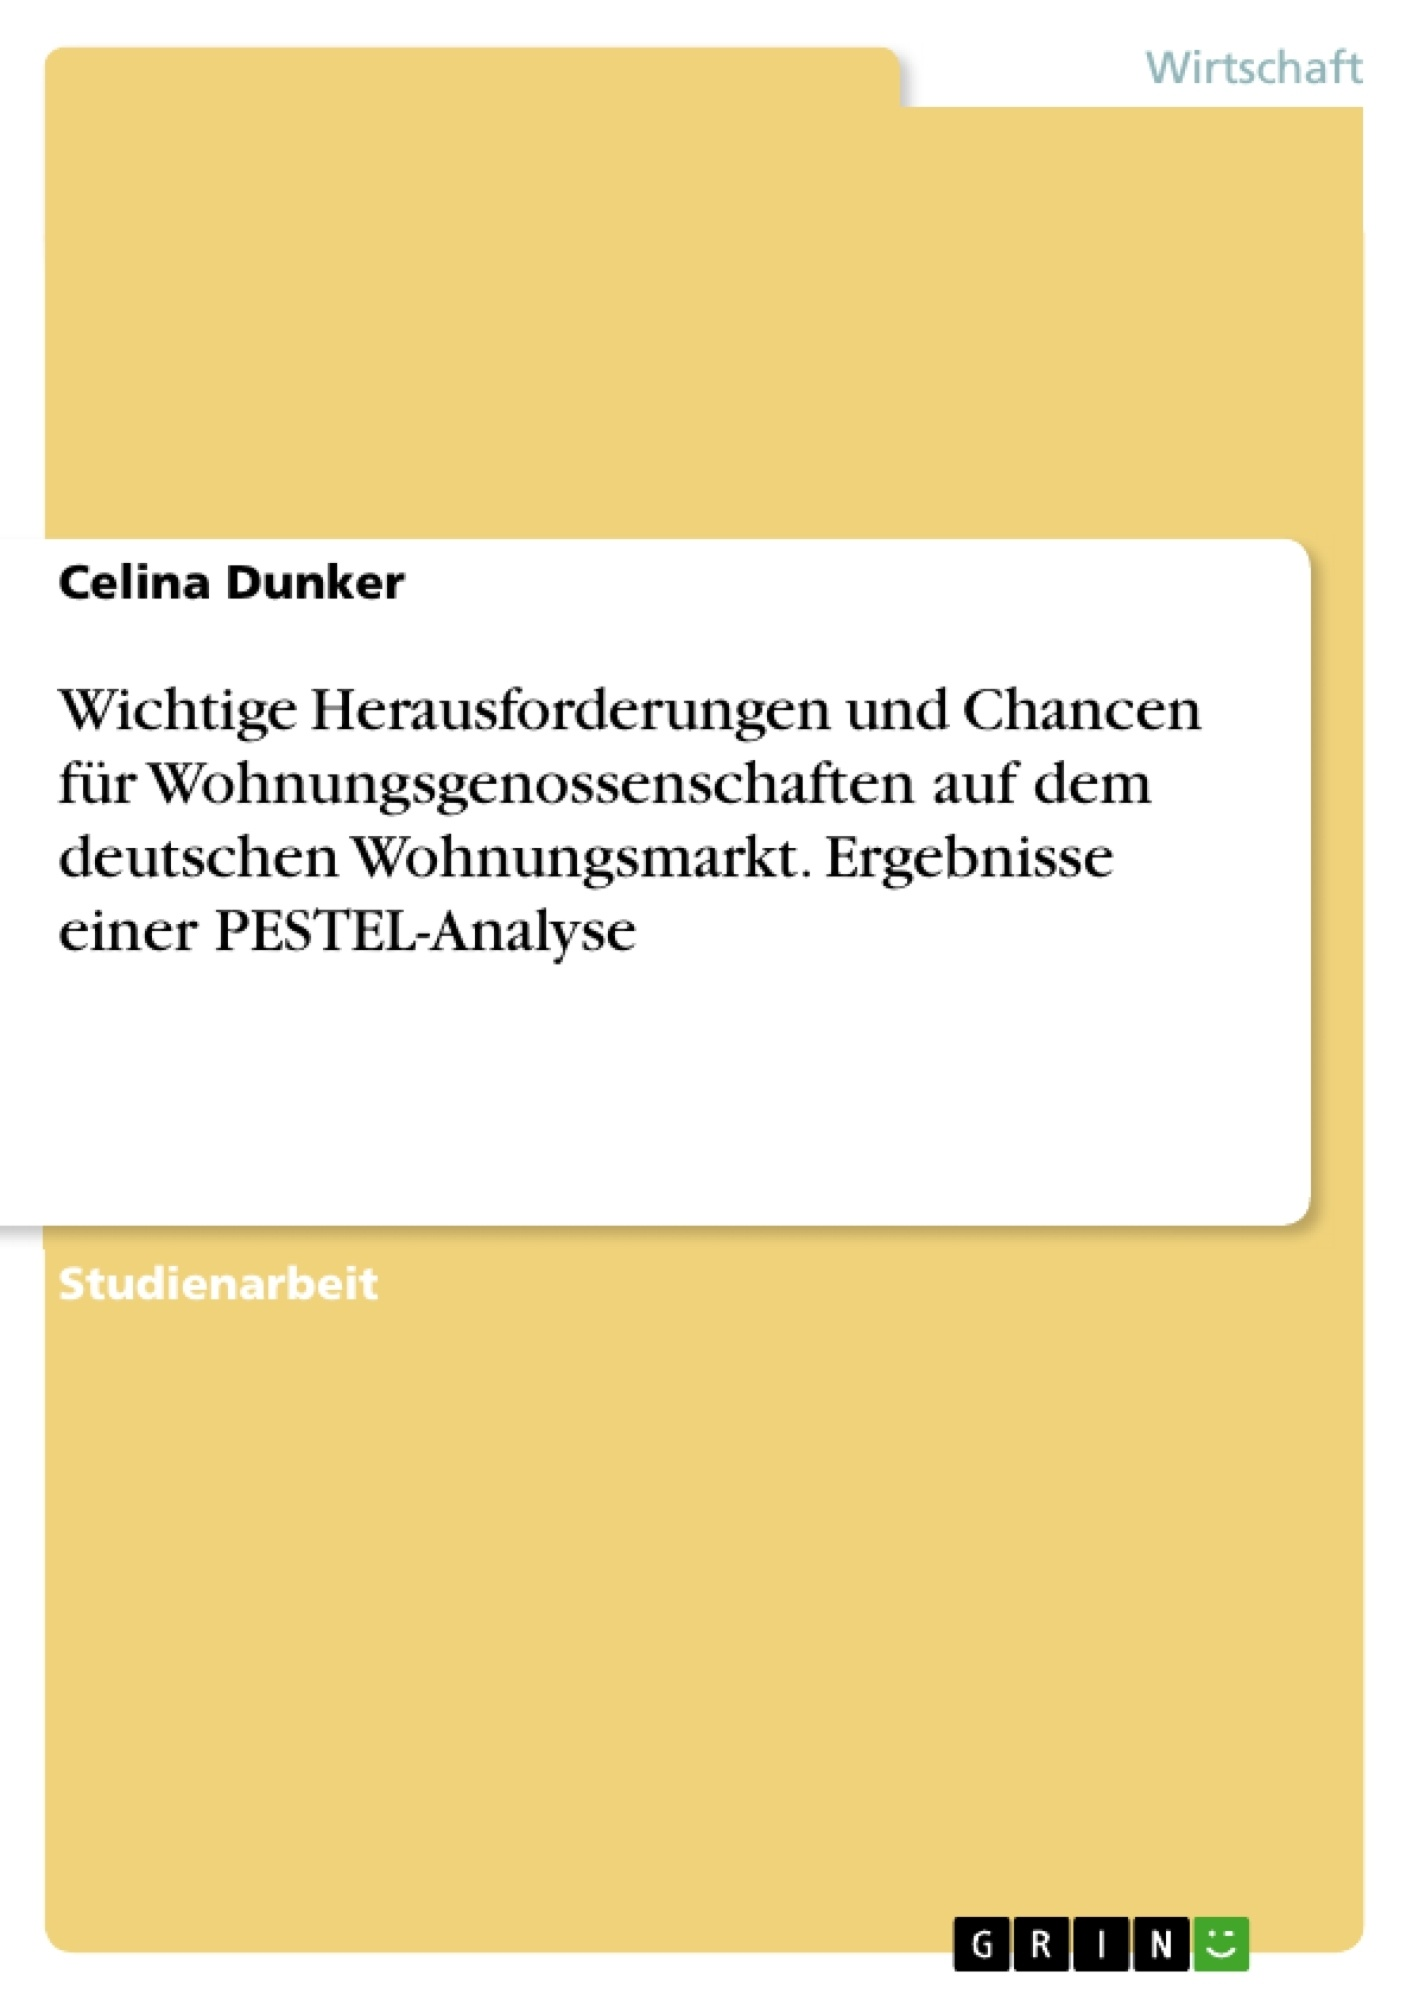 Titel: Wichtige Herausforderungen und Chancen für Wohnungsgenossenschaften auf dem deutschen Wohnungsmarkt. Ergebnisse einer PESTEL-Analyse